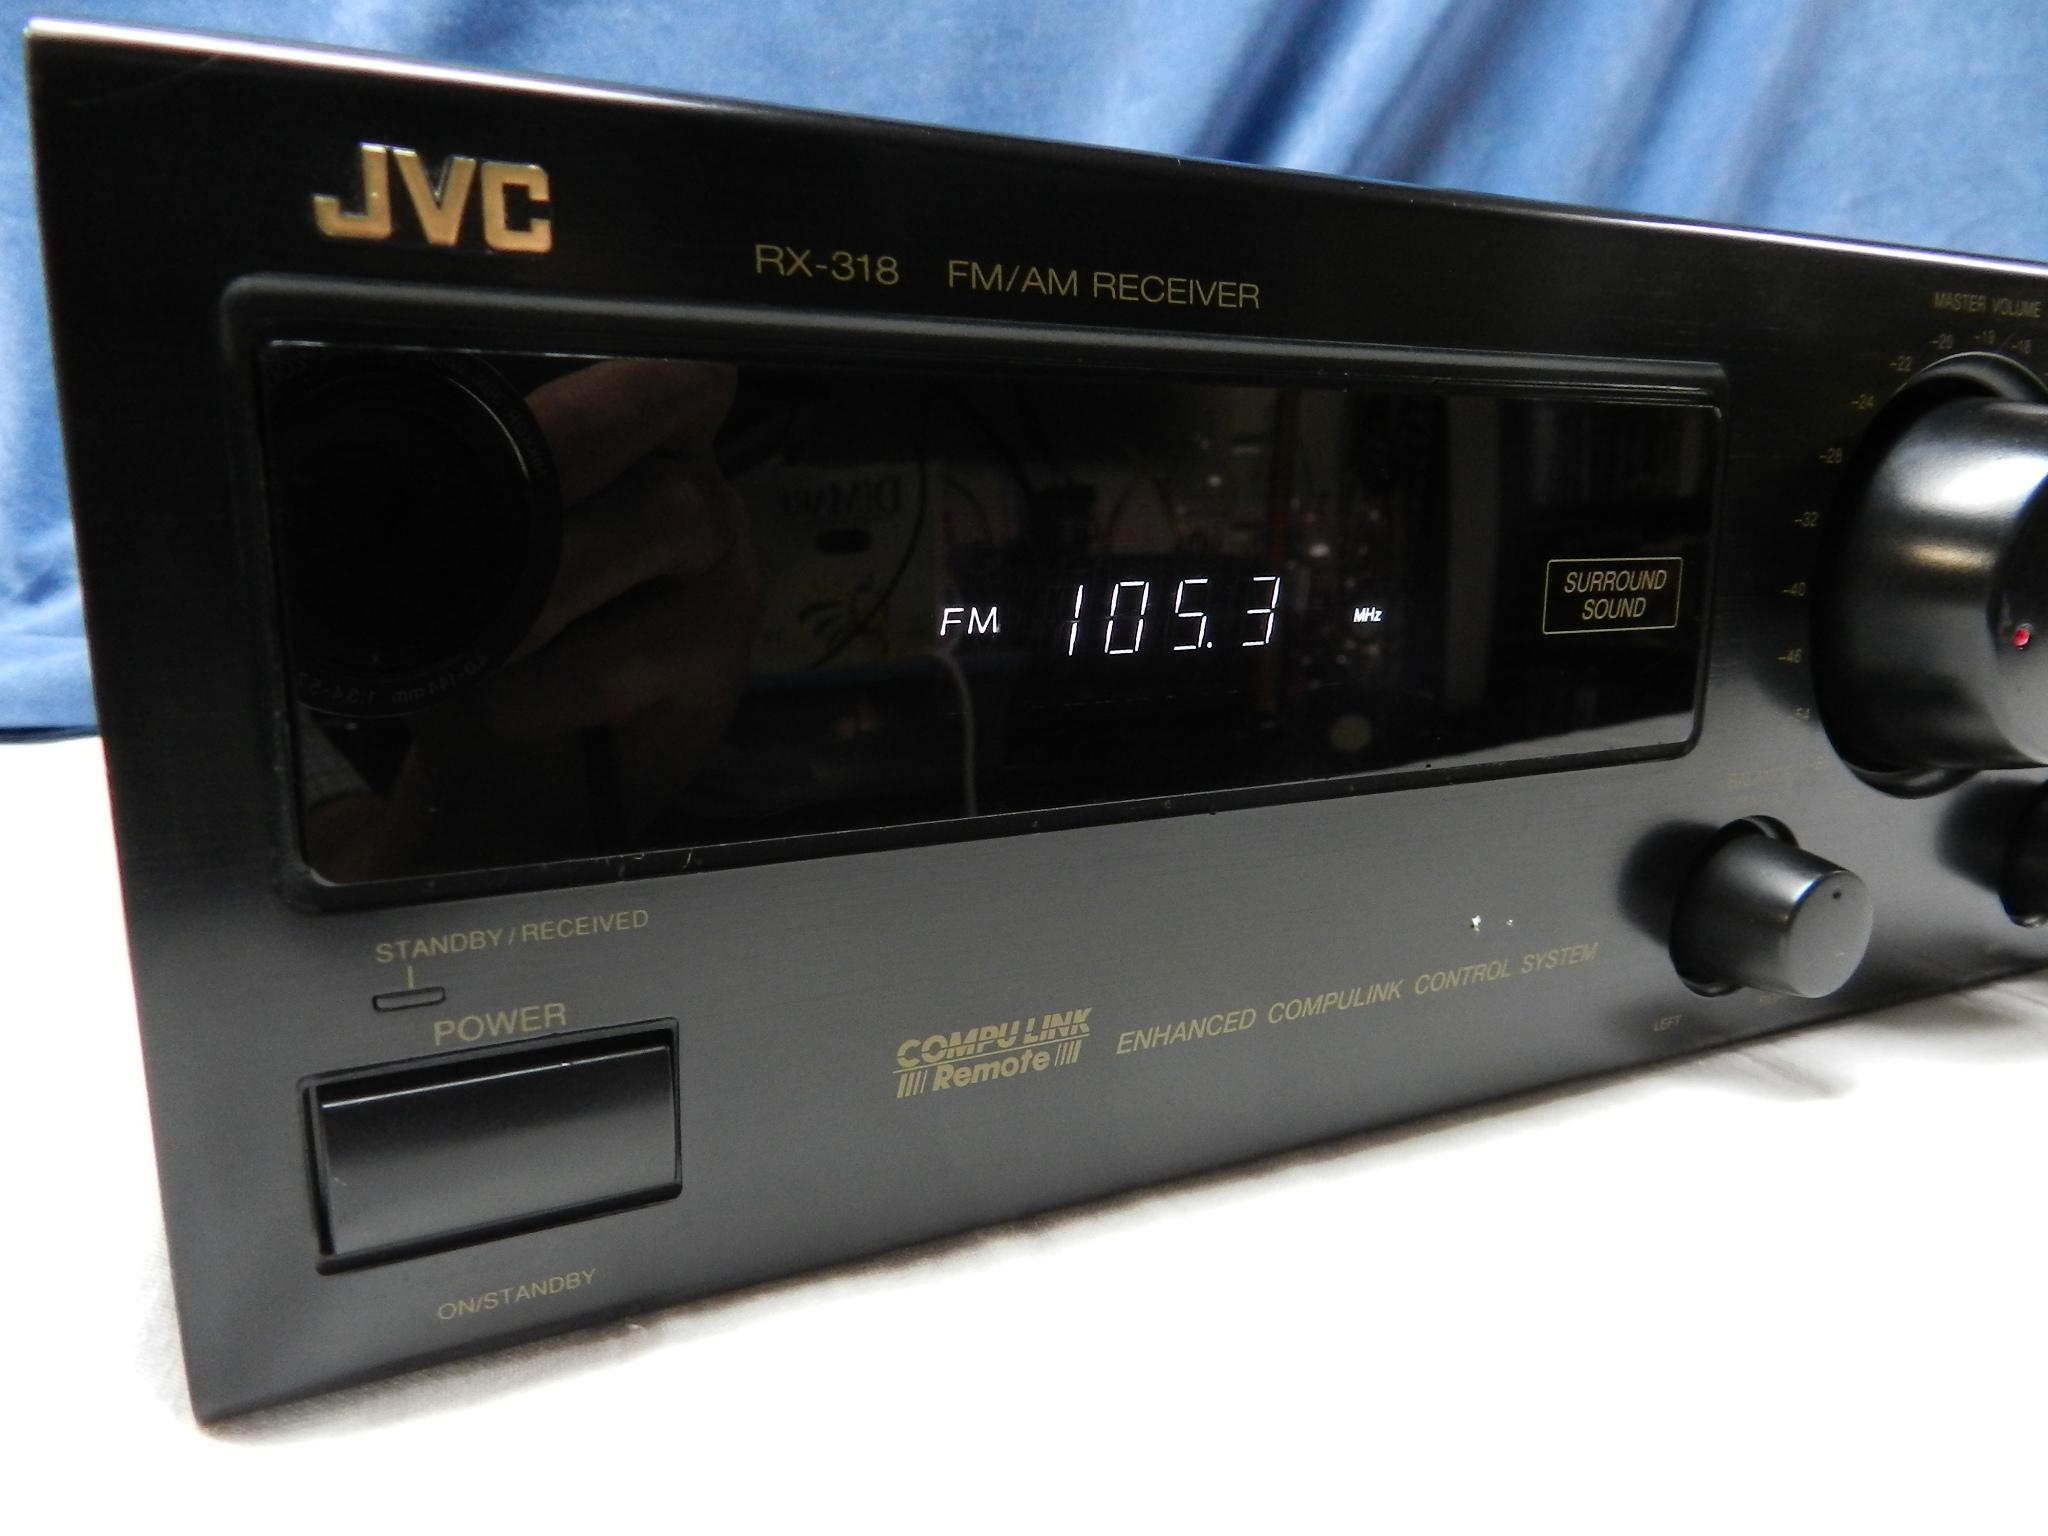 $45 - JVC RX-318 AM/FM Receiver and HomeTheatre - Power Amplifier